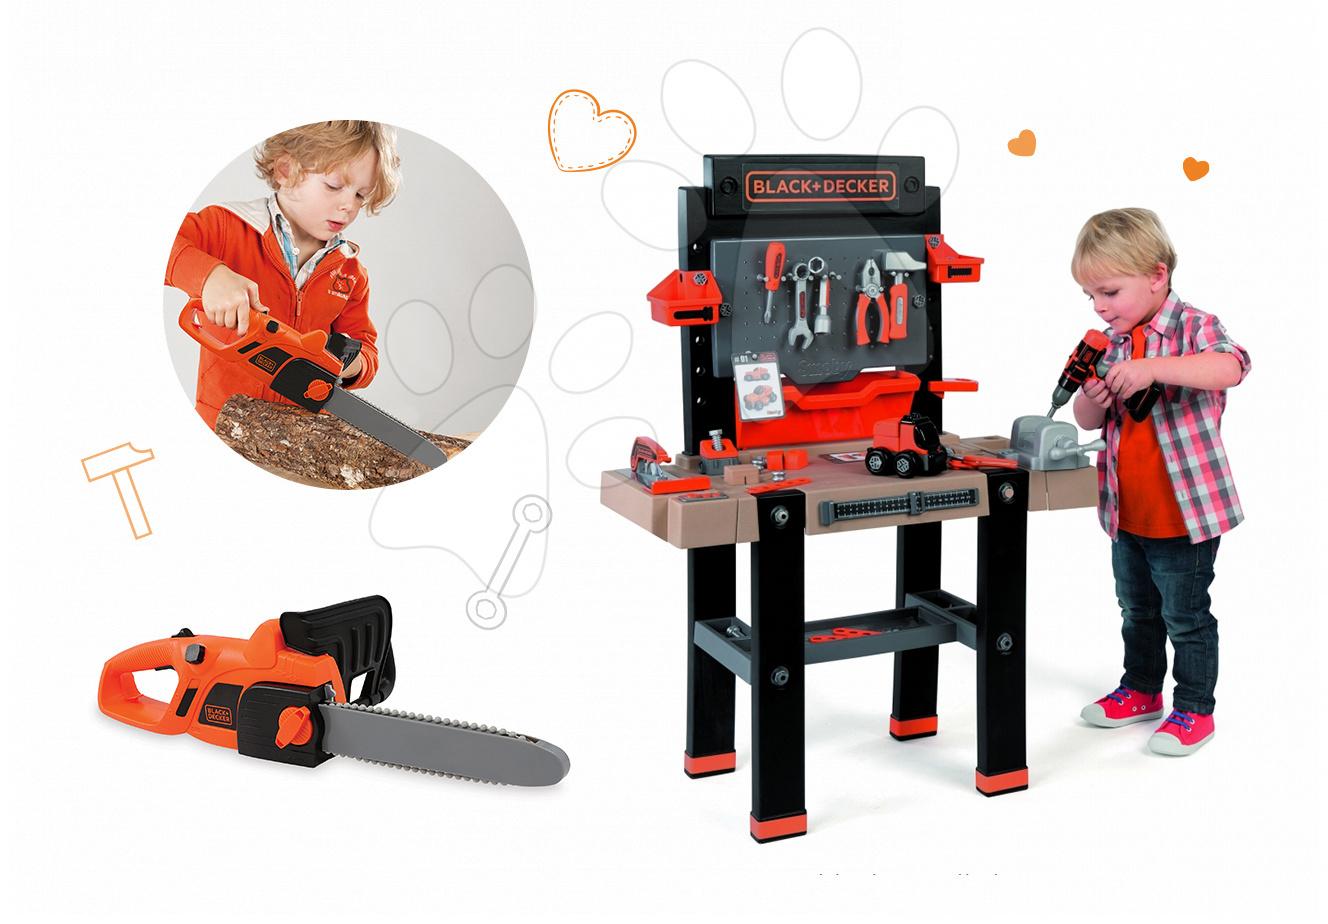 Smoby pracovná dielňa pre deti Black+Decker a motorová píla 360702-1